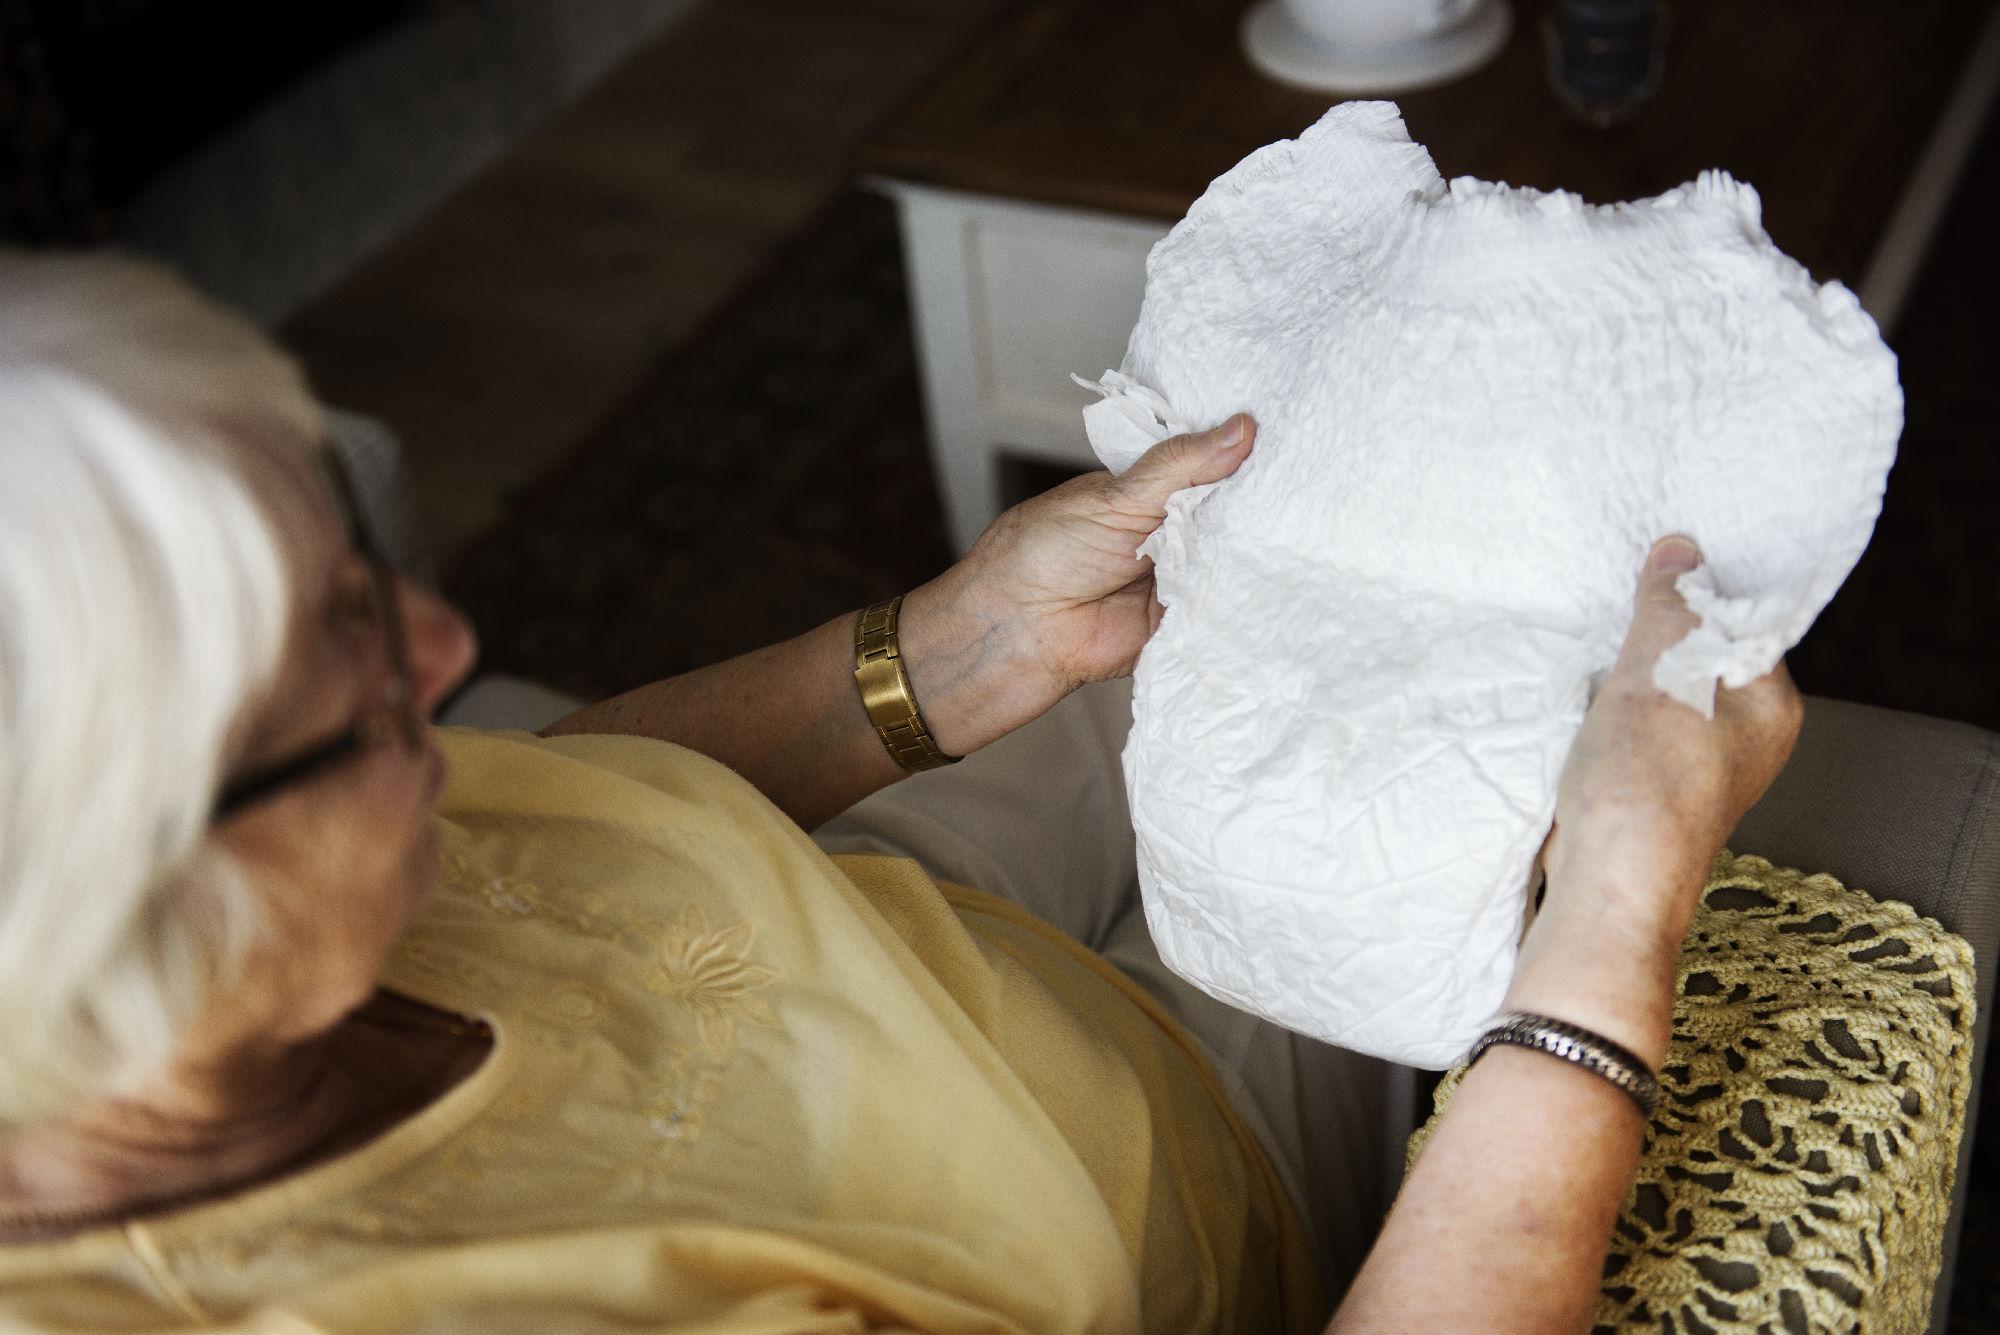 Pieluchomajtki dla dorosłych Seni – wybór, cena, refundacja